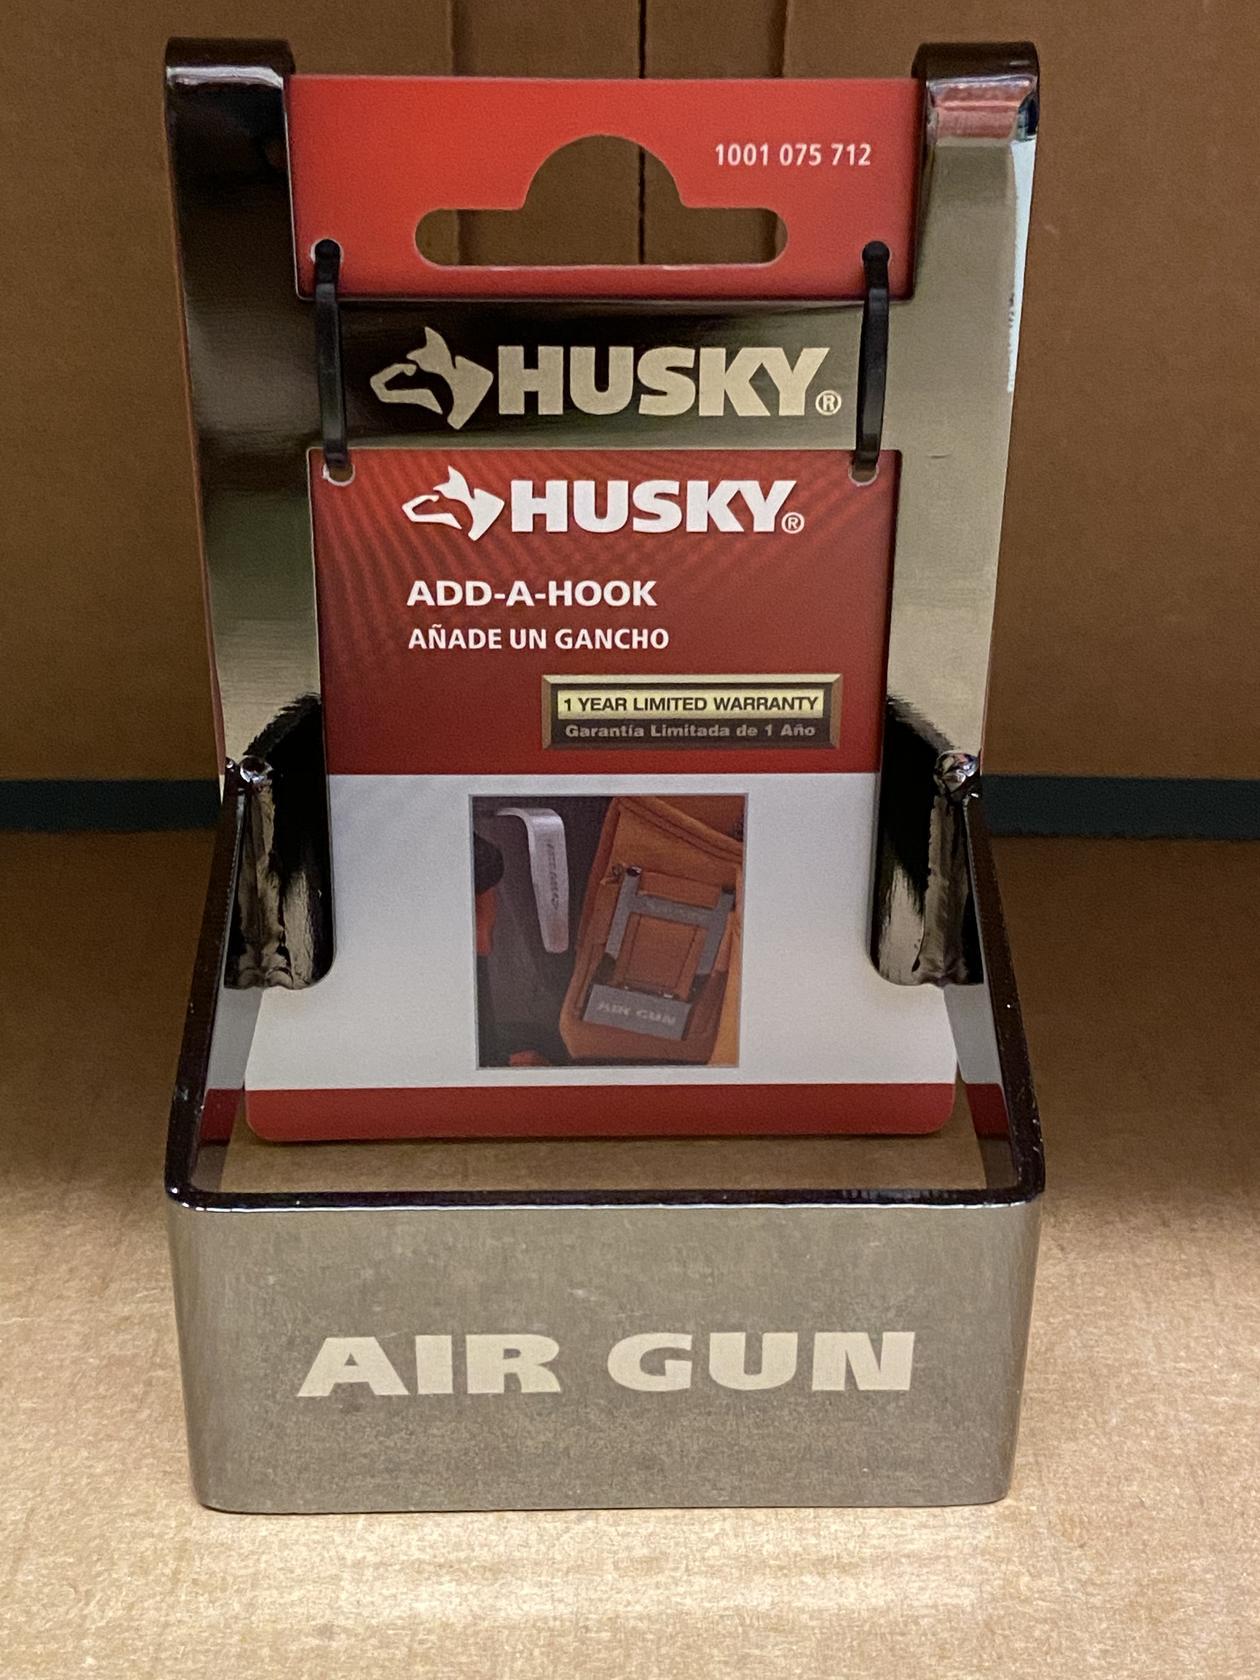 Husky Add-A-Hook Model 1001 075 712Air Gun Holder